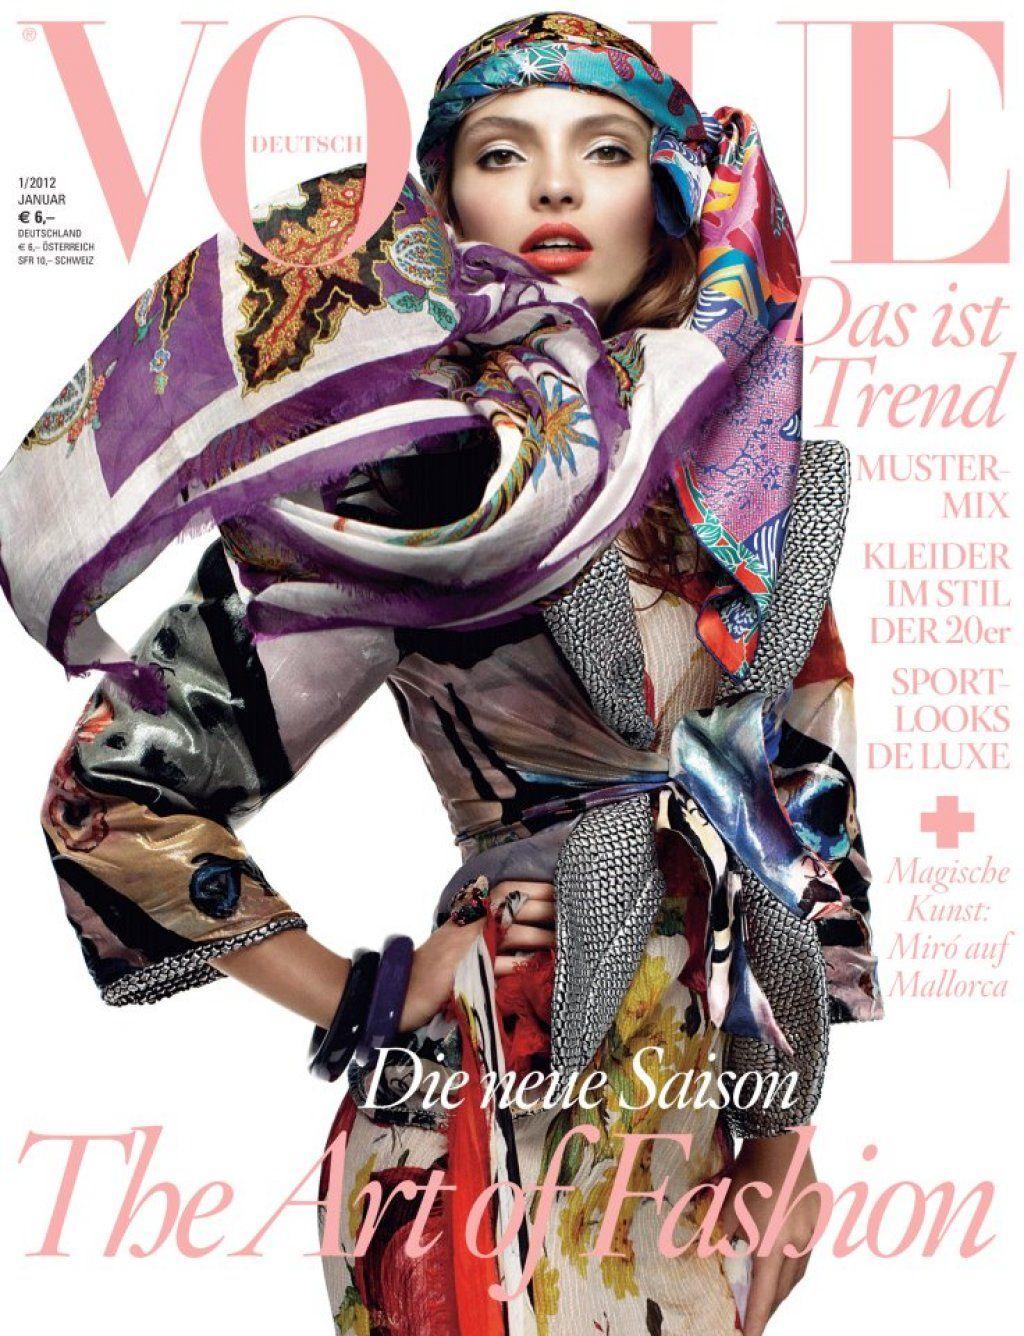 Vogue, 123 anni di storia immortalati in scatti ed illustrazioni uniche. Blog di Moda rende omaggio alla rivista con le 15 cover Vogue più belle di sempre